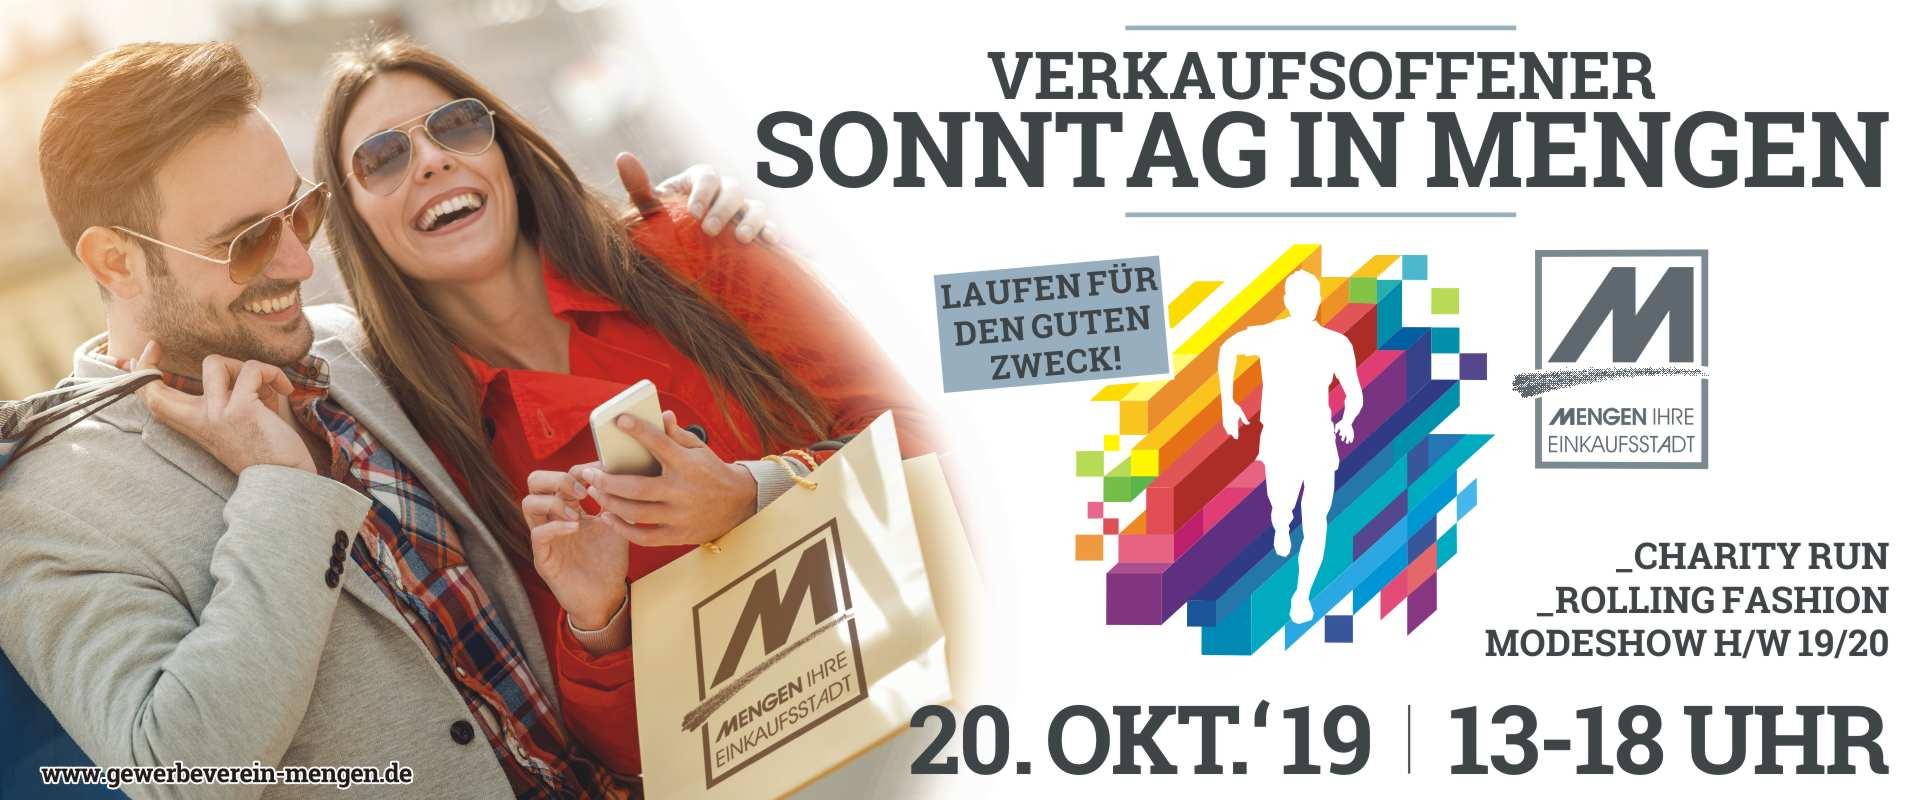 Verkaufsoffener Sonntag in Mengen am 20. Oktober 2019